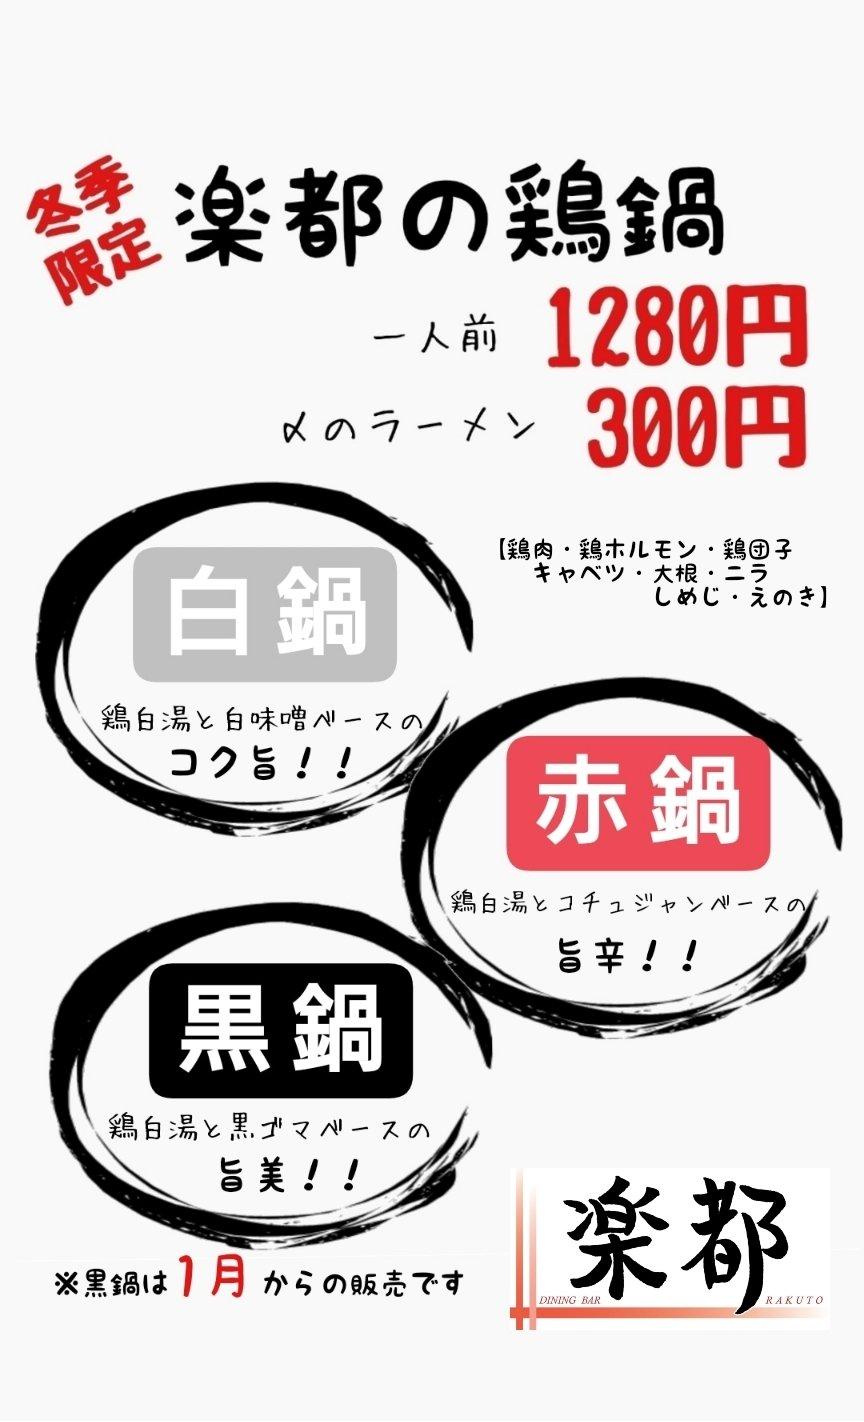 アップルストア(タカシ)【ダイニングバー楽都】